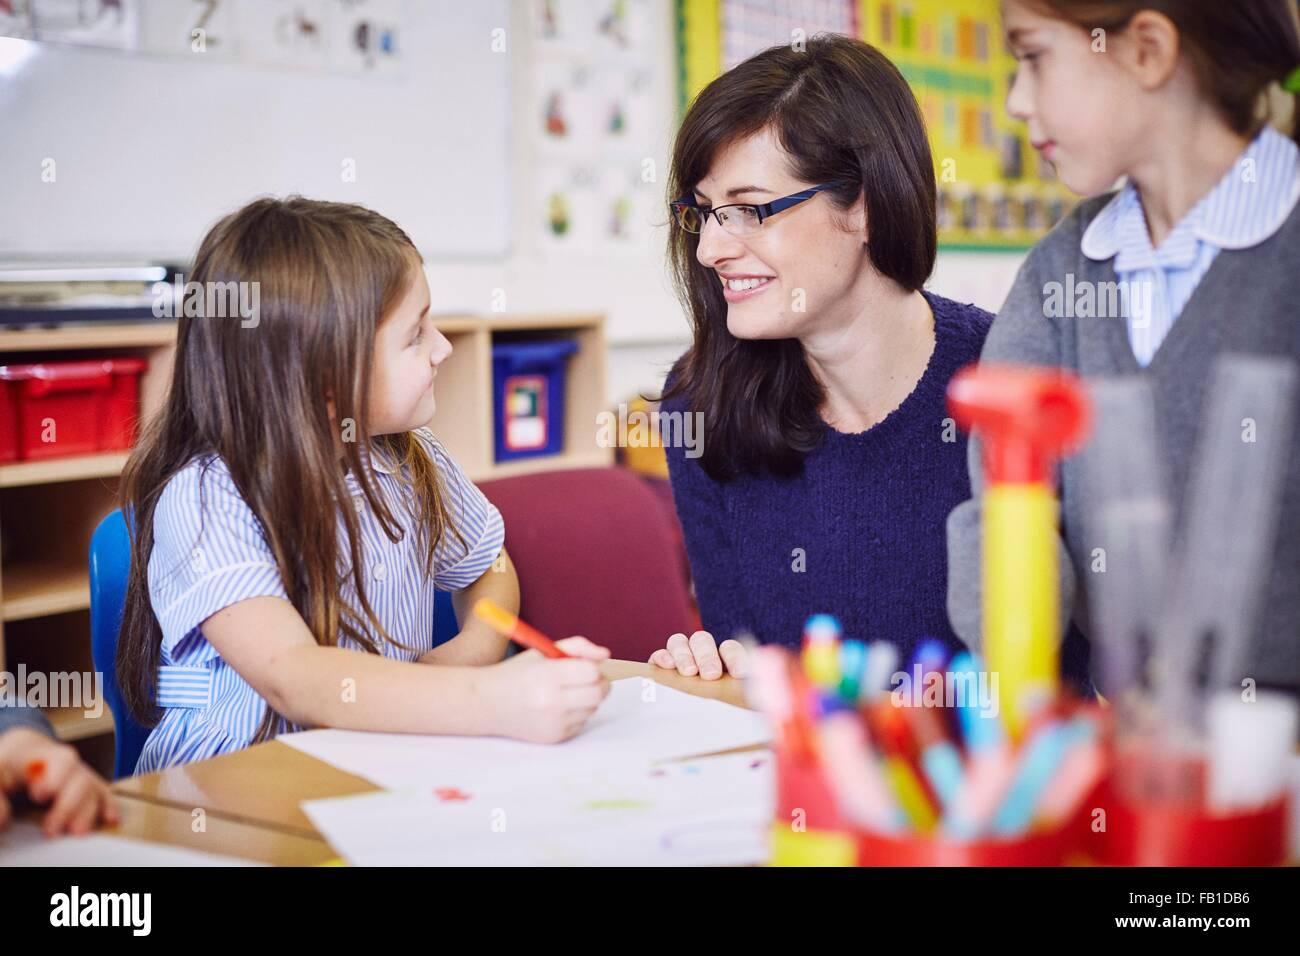 Las niñas dibujo en pupitres en las aulas de la escuela elemental Imagen De Stock